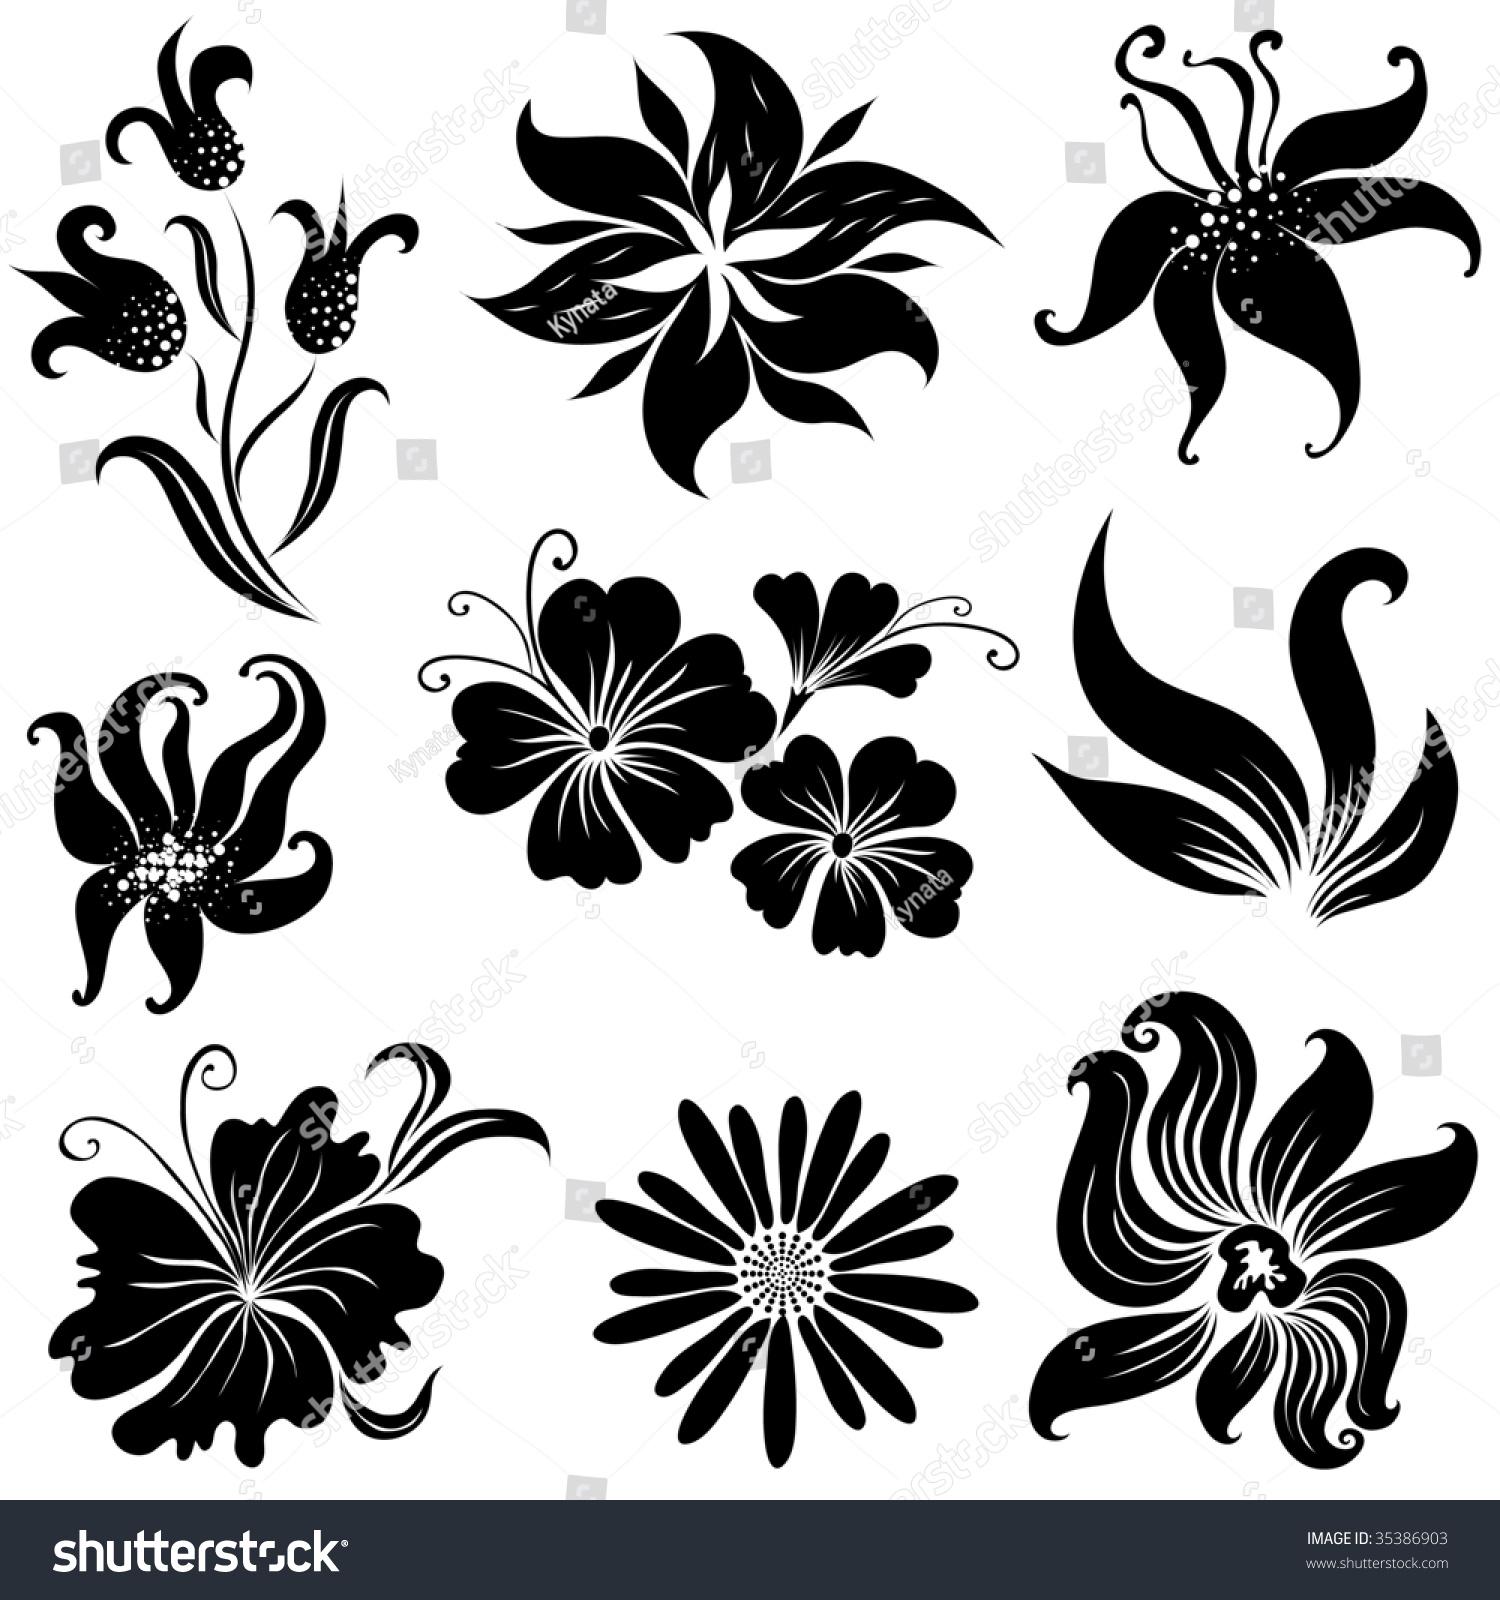 Set Of Black Flower Design Elements Vector Illustration